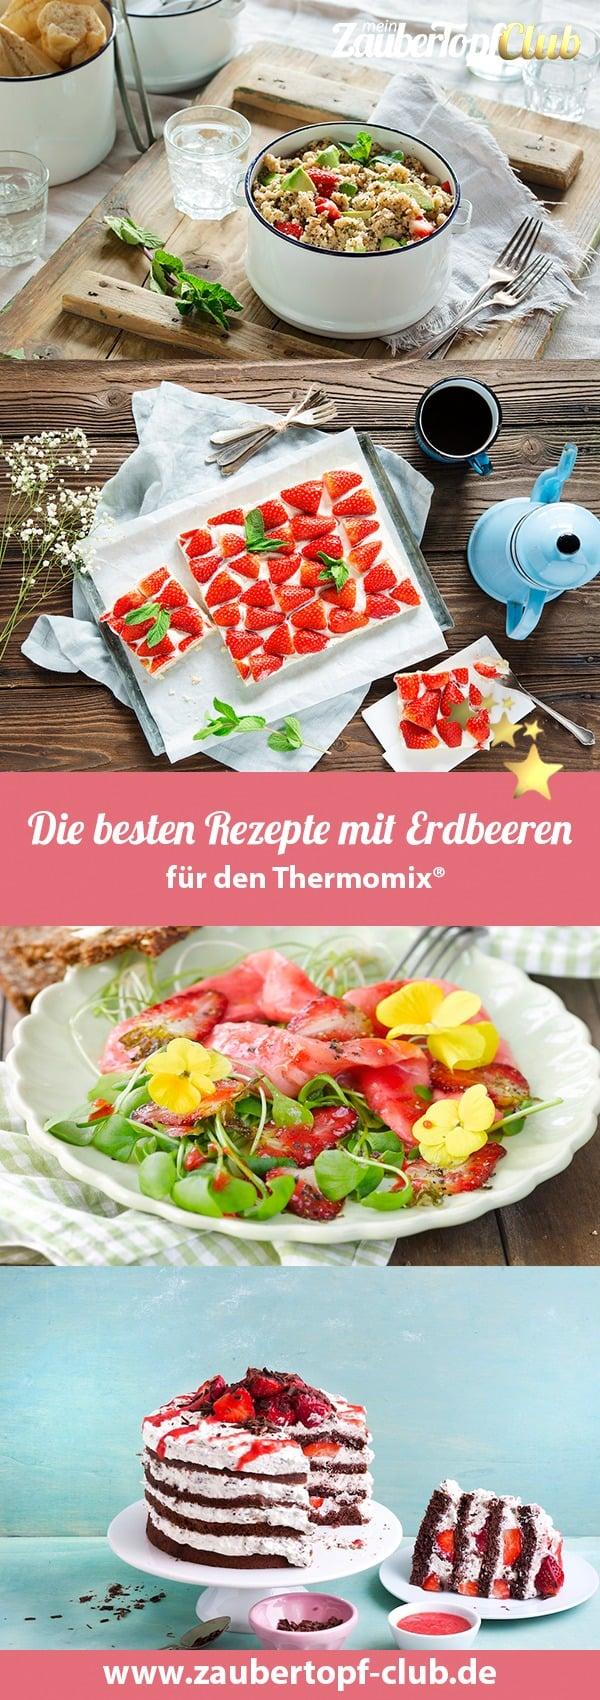 Die besten Rezepte mit Erdbeeren für den Thermomix® – Fotos: Ira Leoni, Frauke Antholz, Anna Gieseler